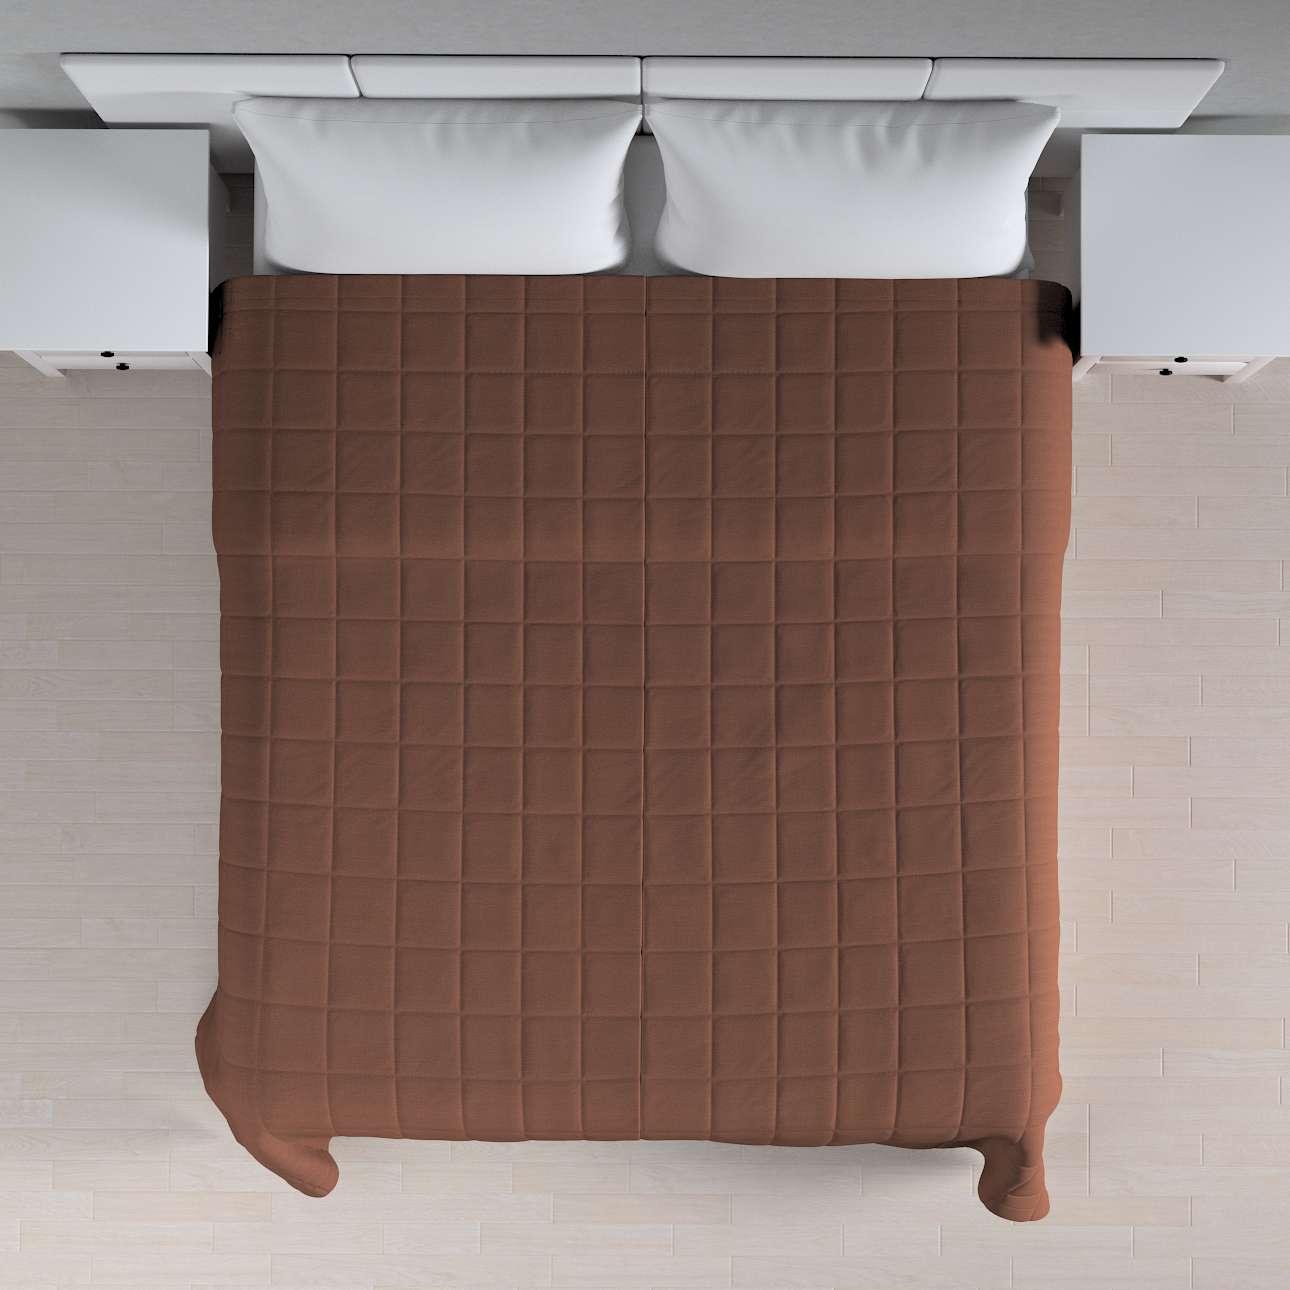 Prehoz prešívaný do štvorcov V kolekcii Loneta, tkanina: 133-09